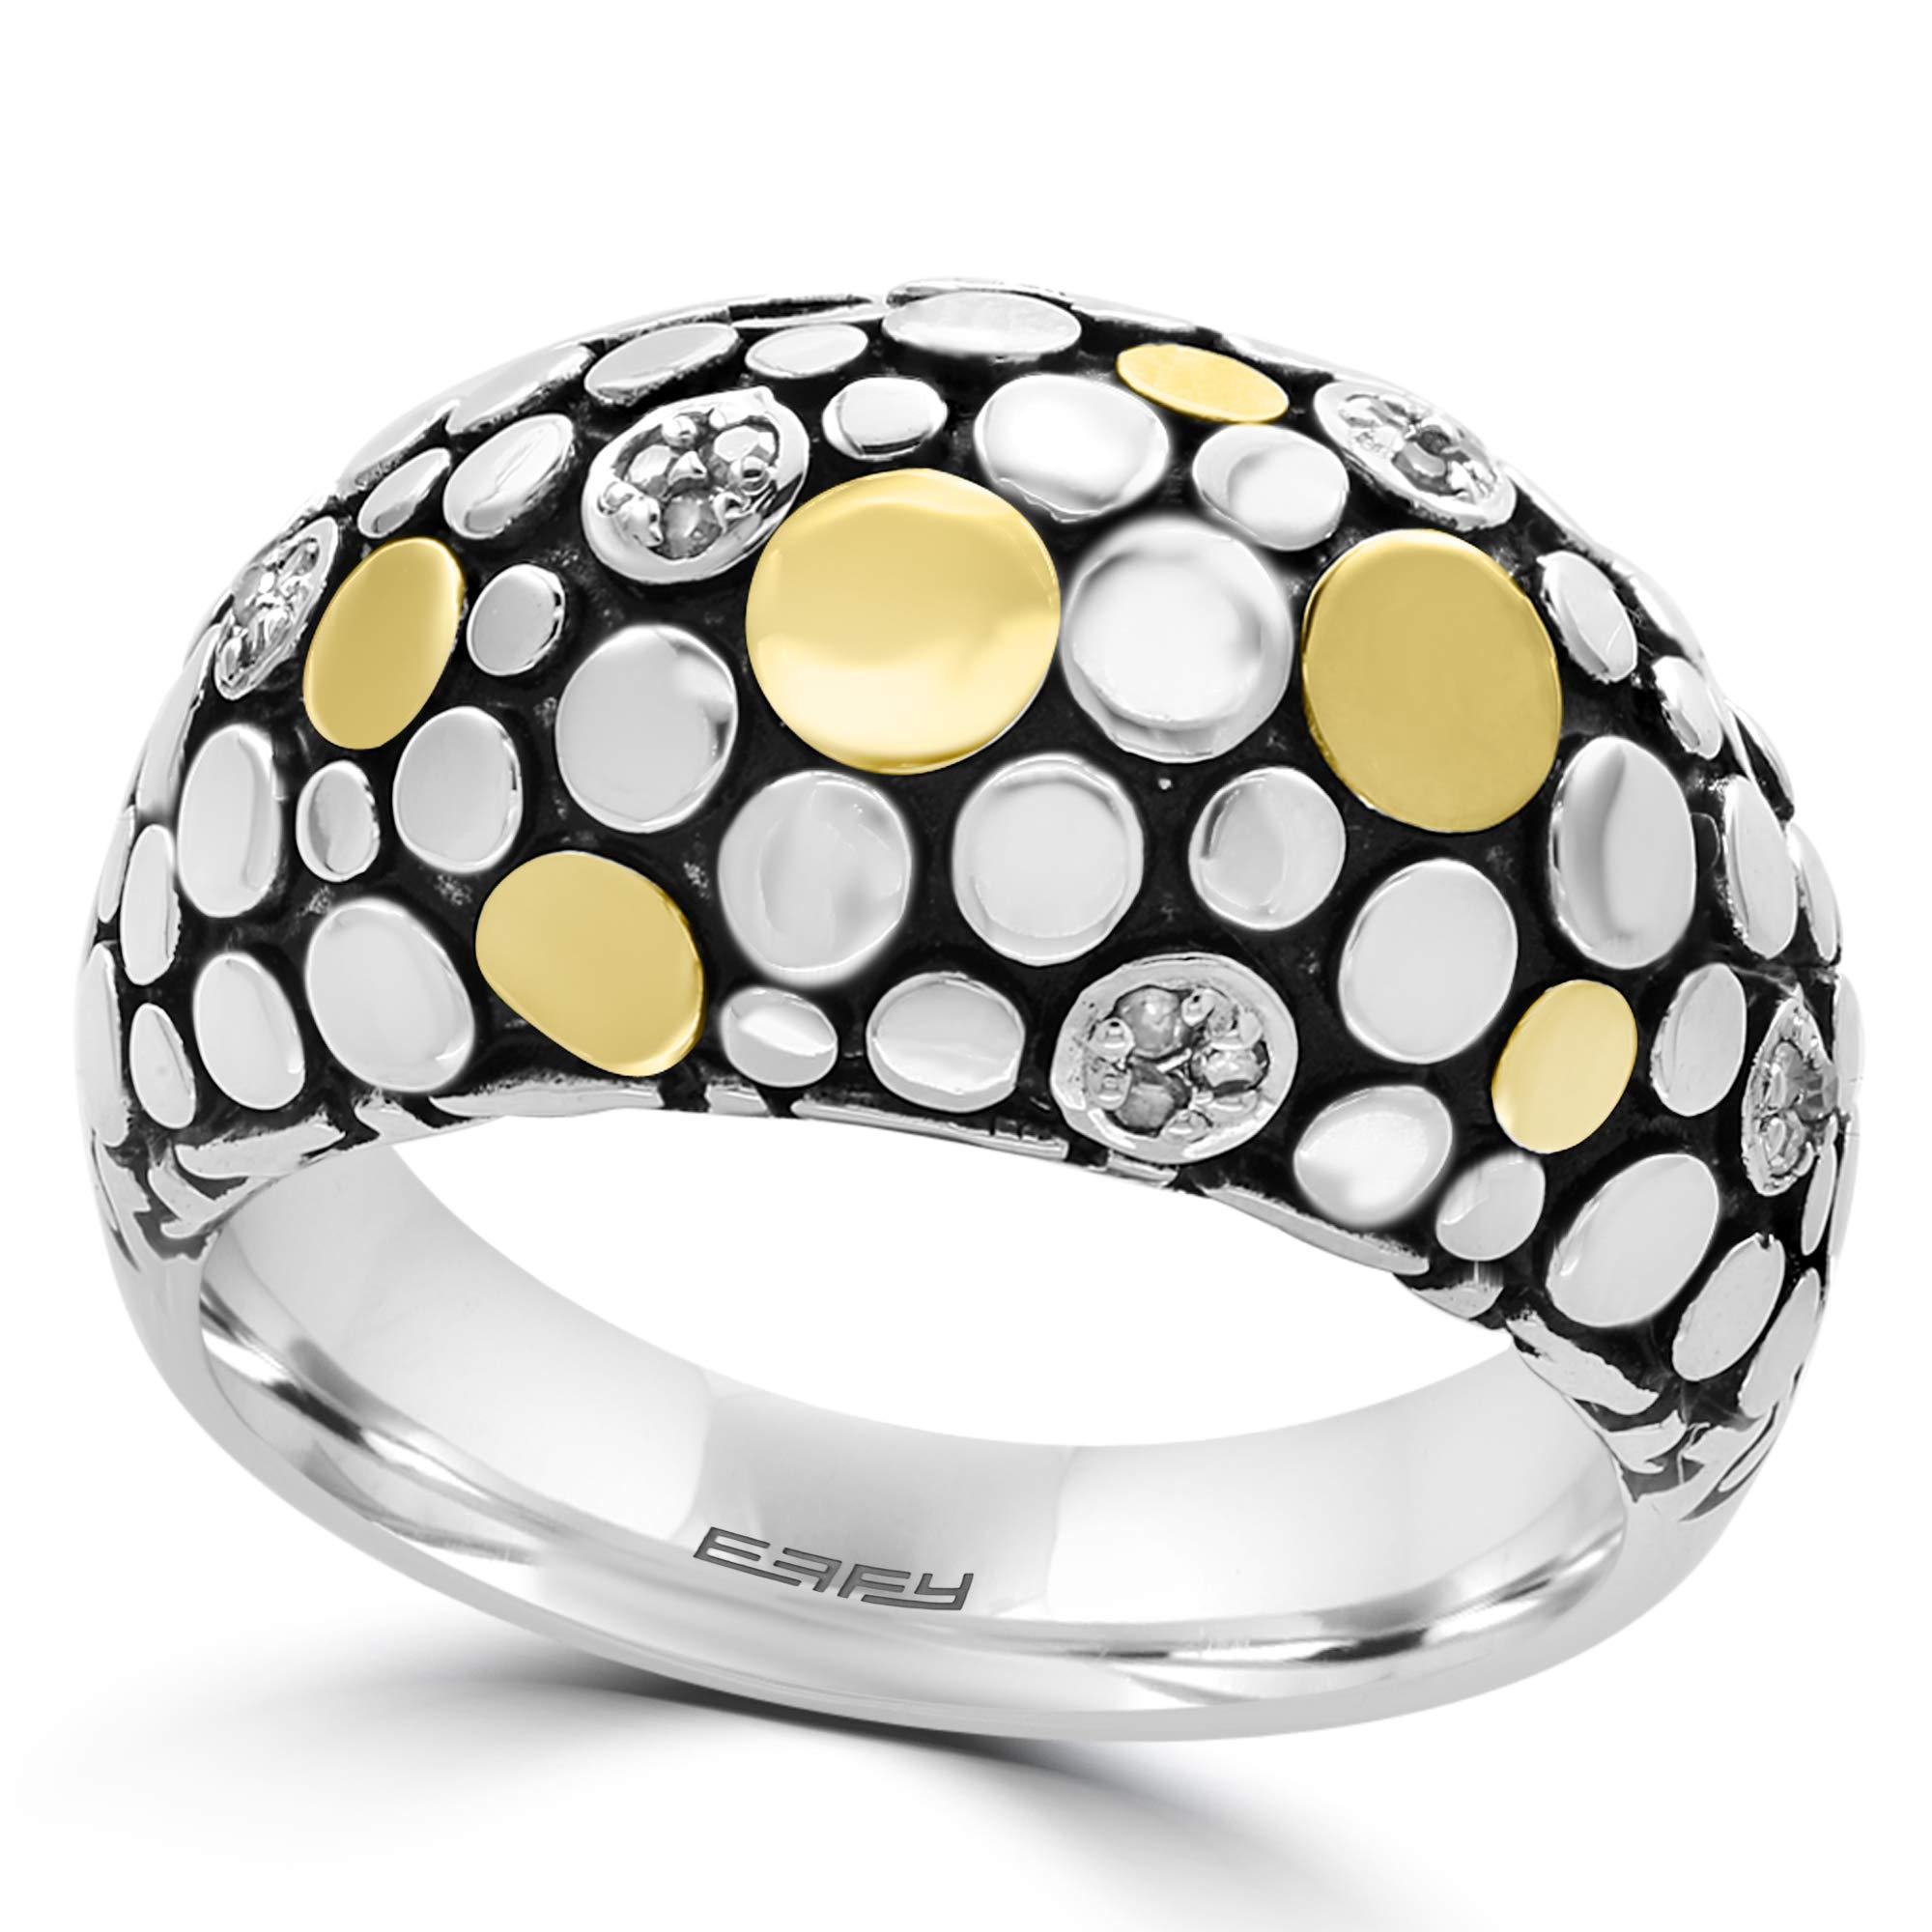 EFFY 925 STERLING SILVER/18K YELLOW GOLD DIAMOND RING by EFFY